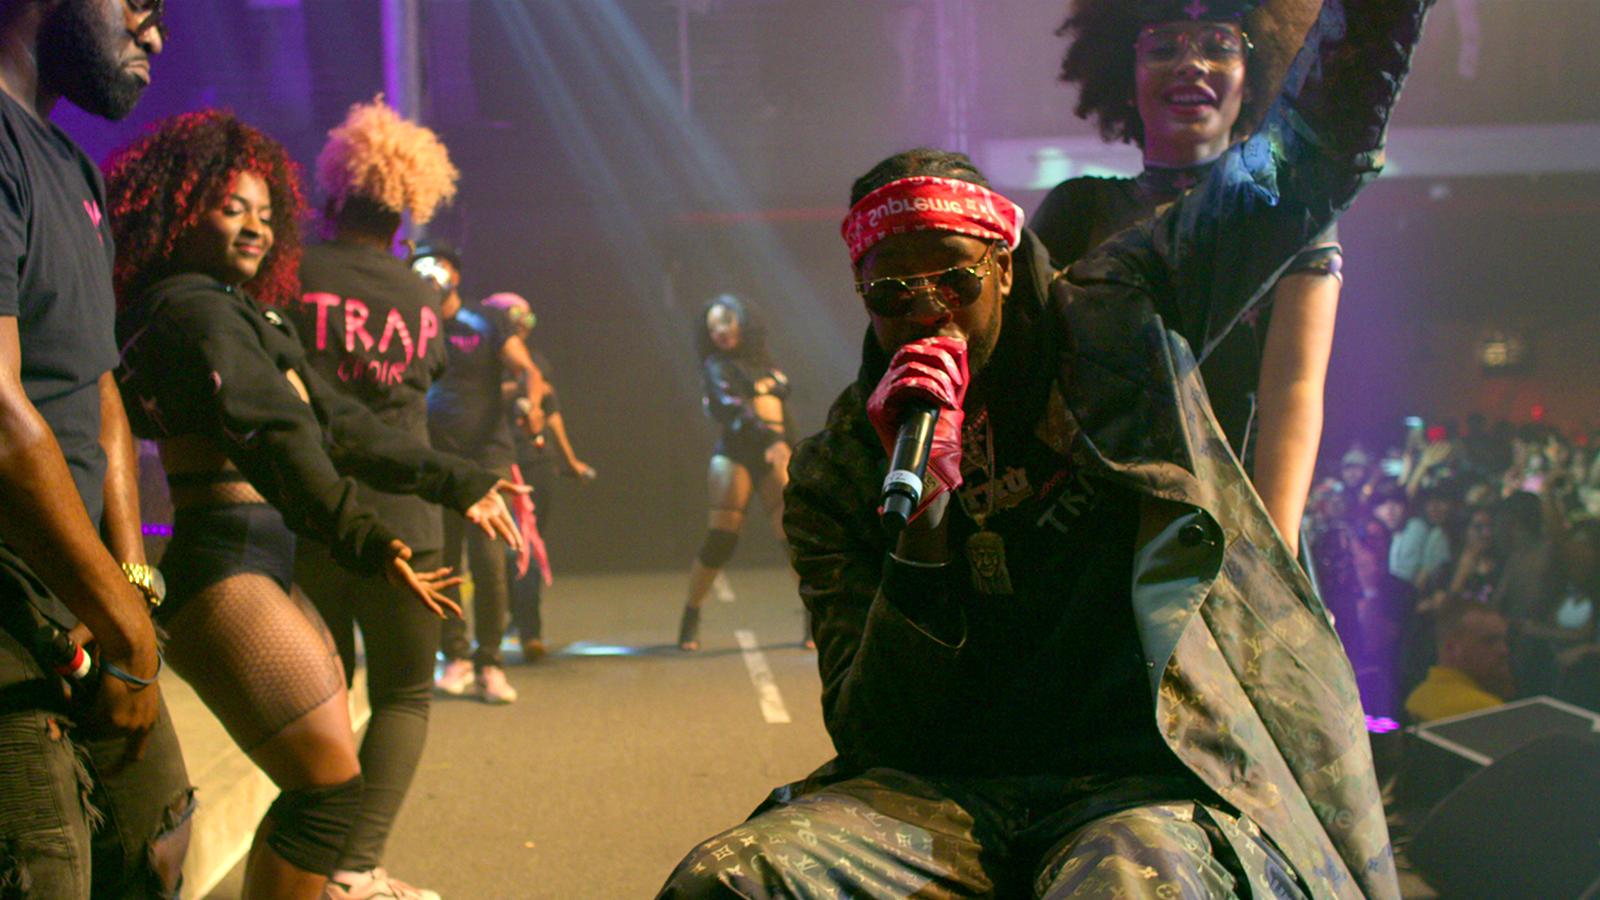 Les 5 Meilleurs Documentaires Sur Le Rap à Voir Sur Netflix